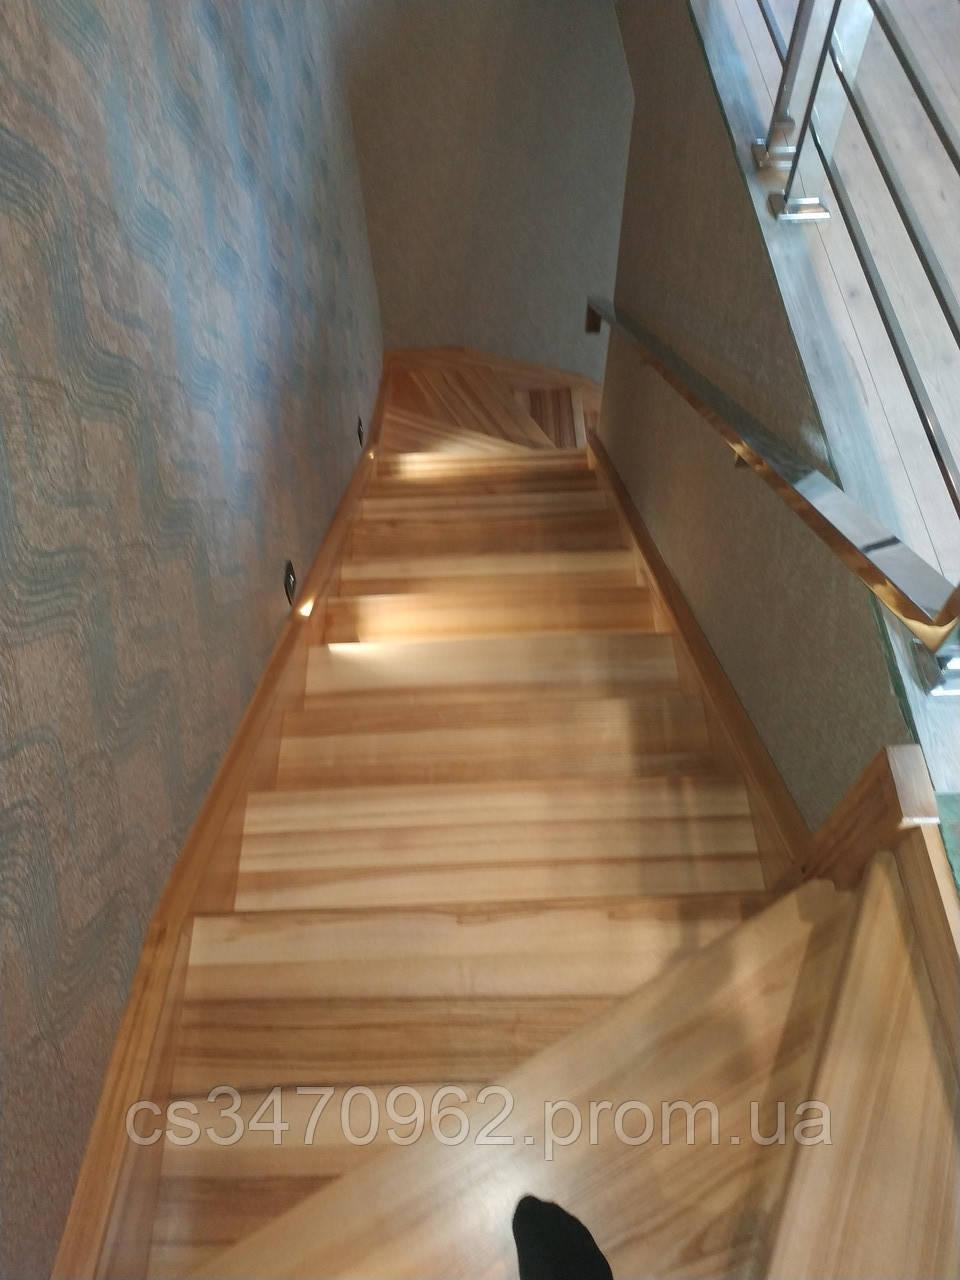 Лестница из бетона обшита деревом